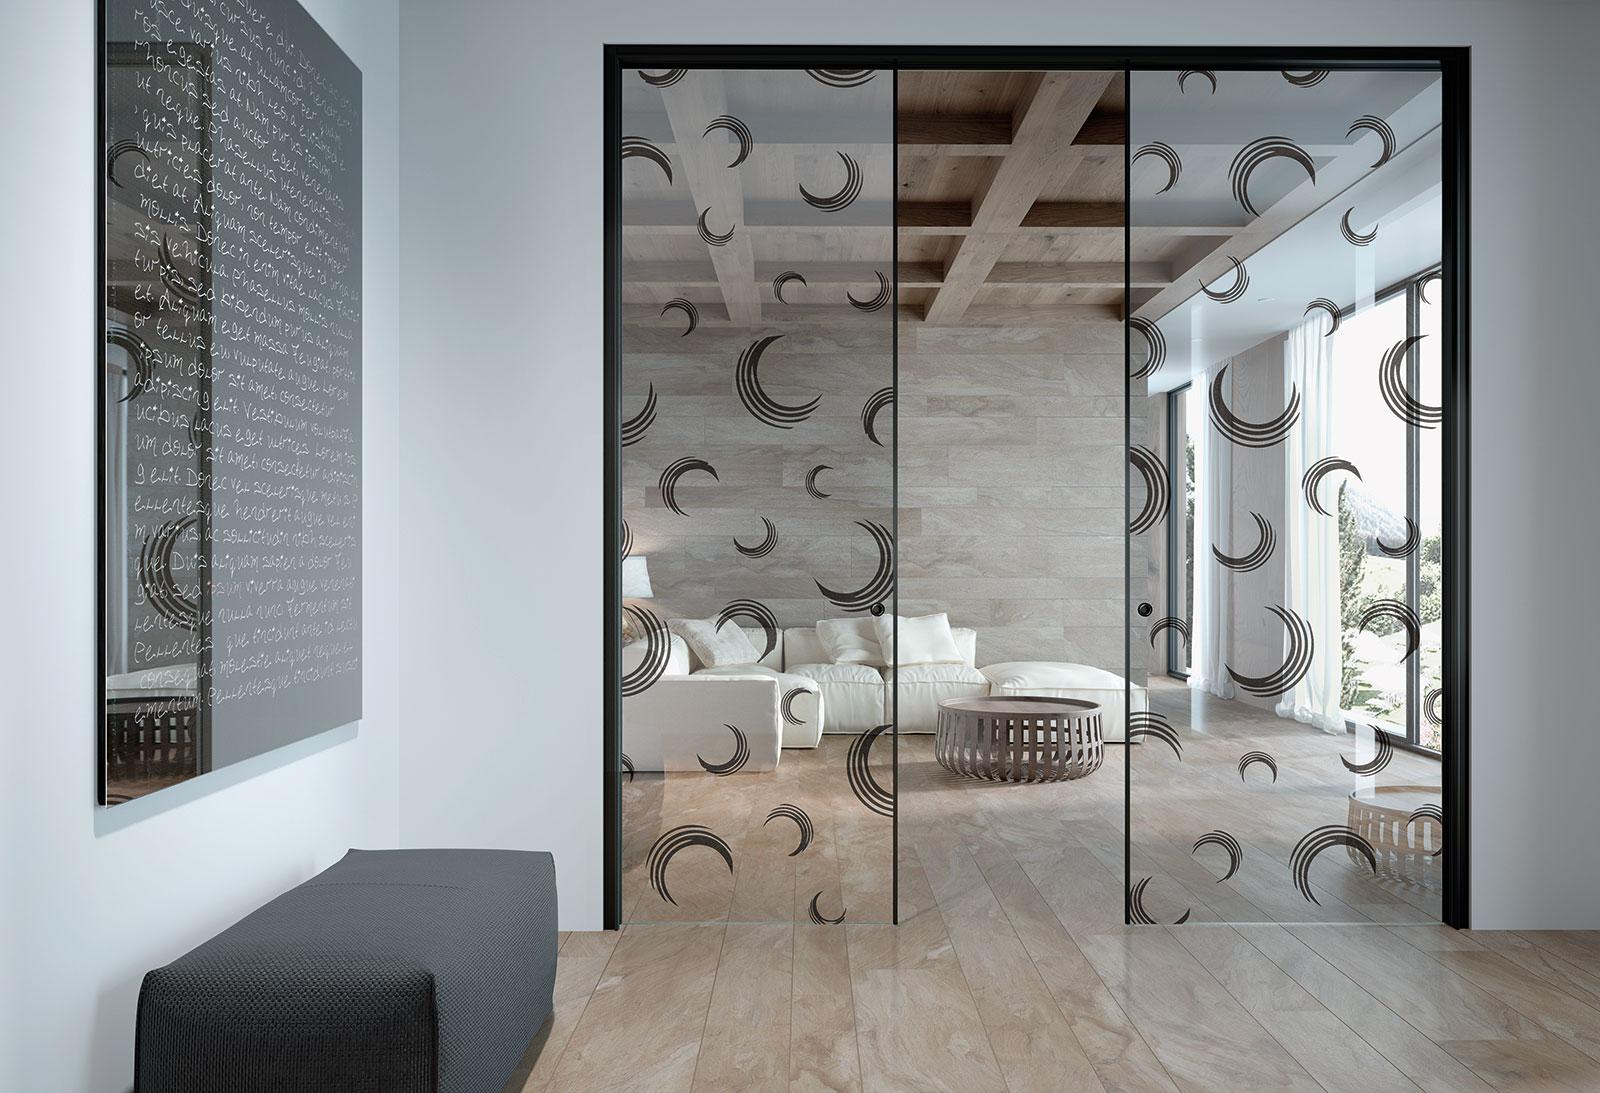 Porte A Vetro Design.Porte Scorrevoli In Vetro Il Design Tuttovetro Henry Glass